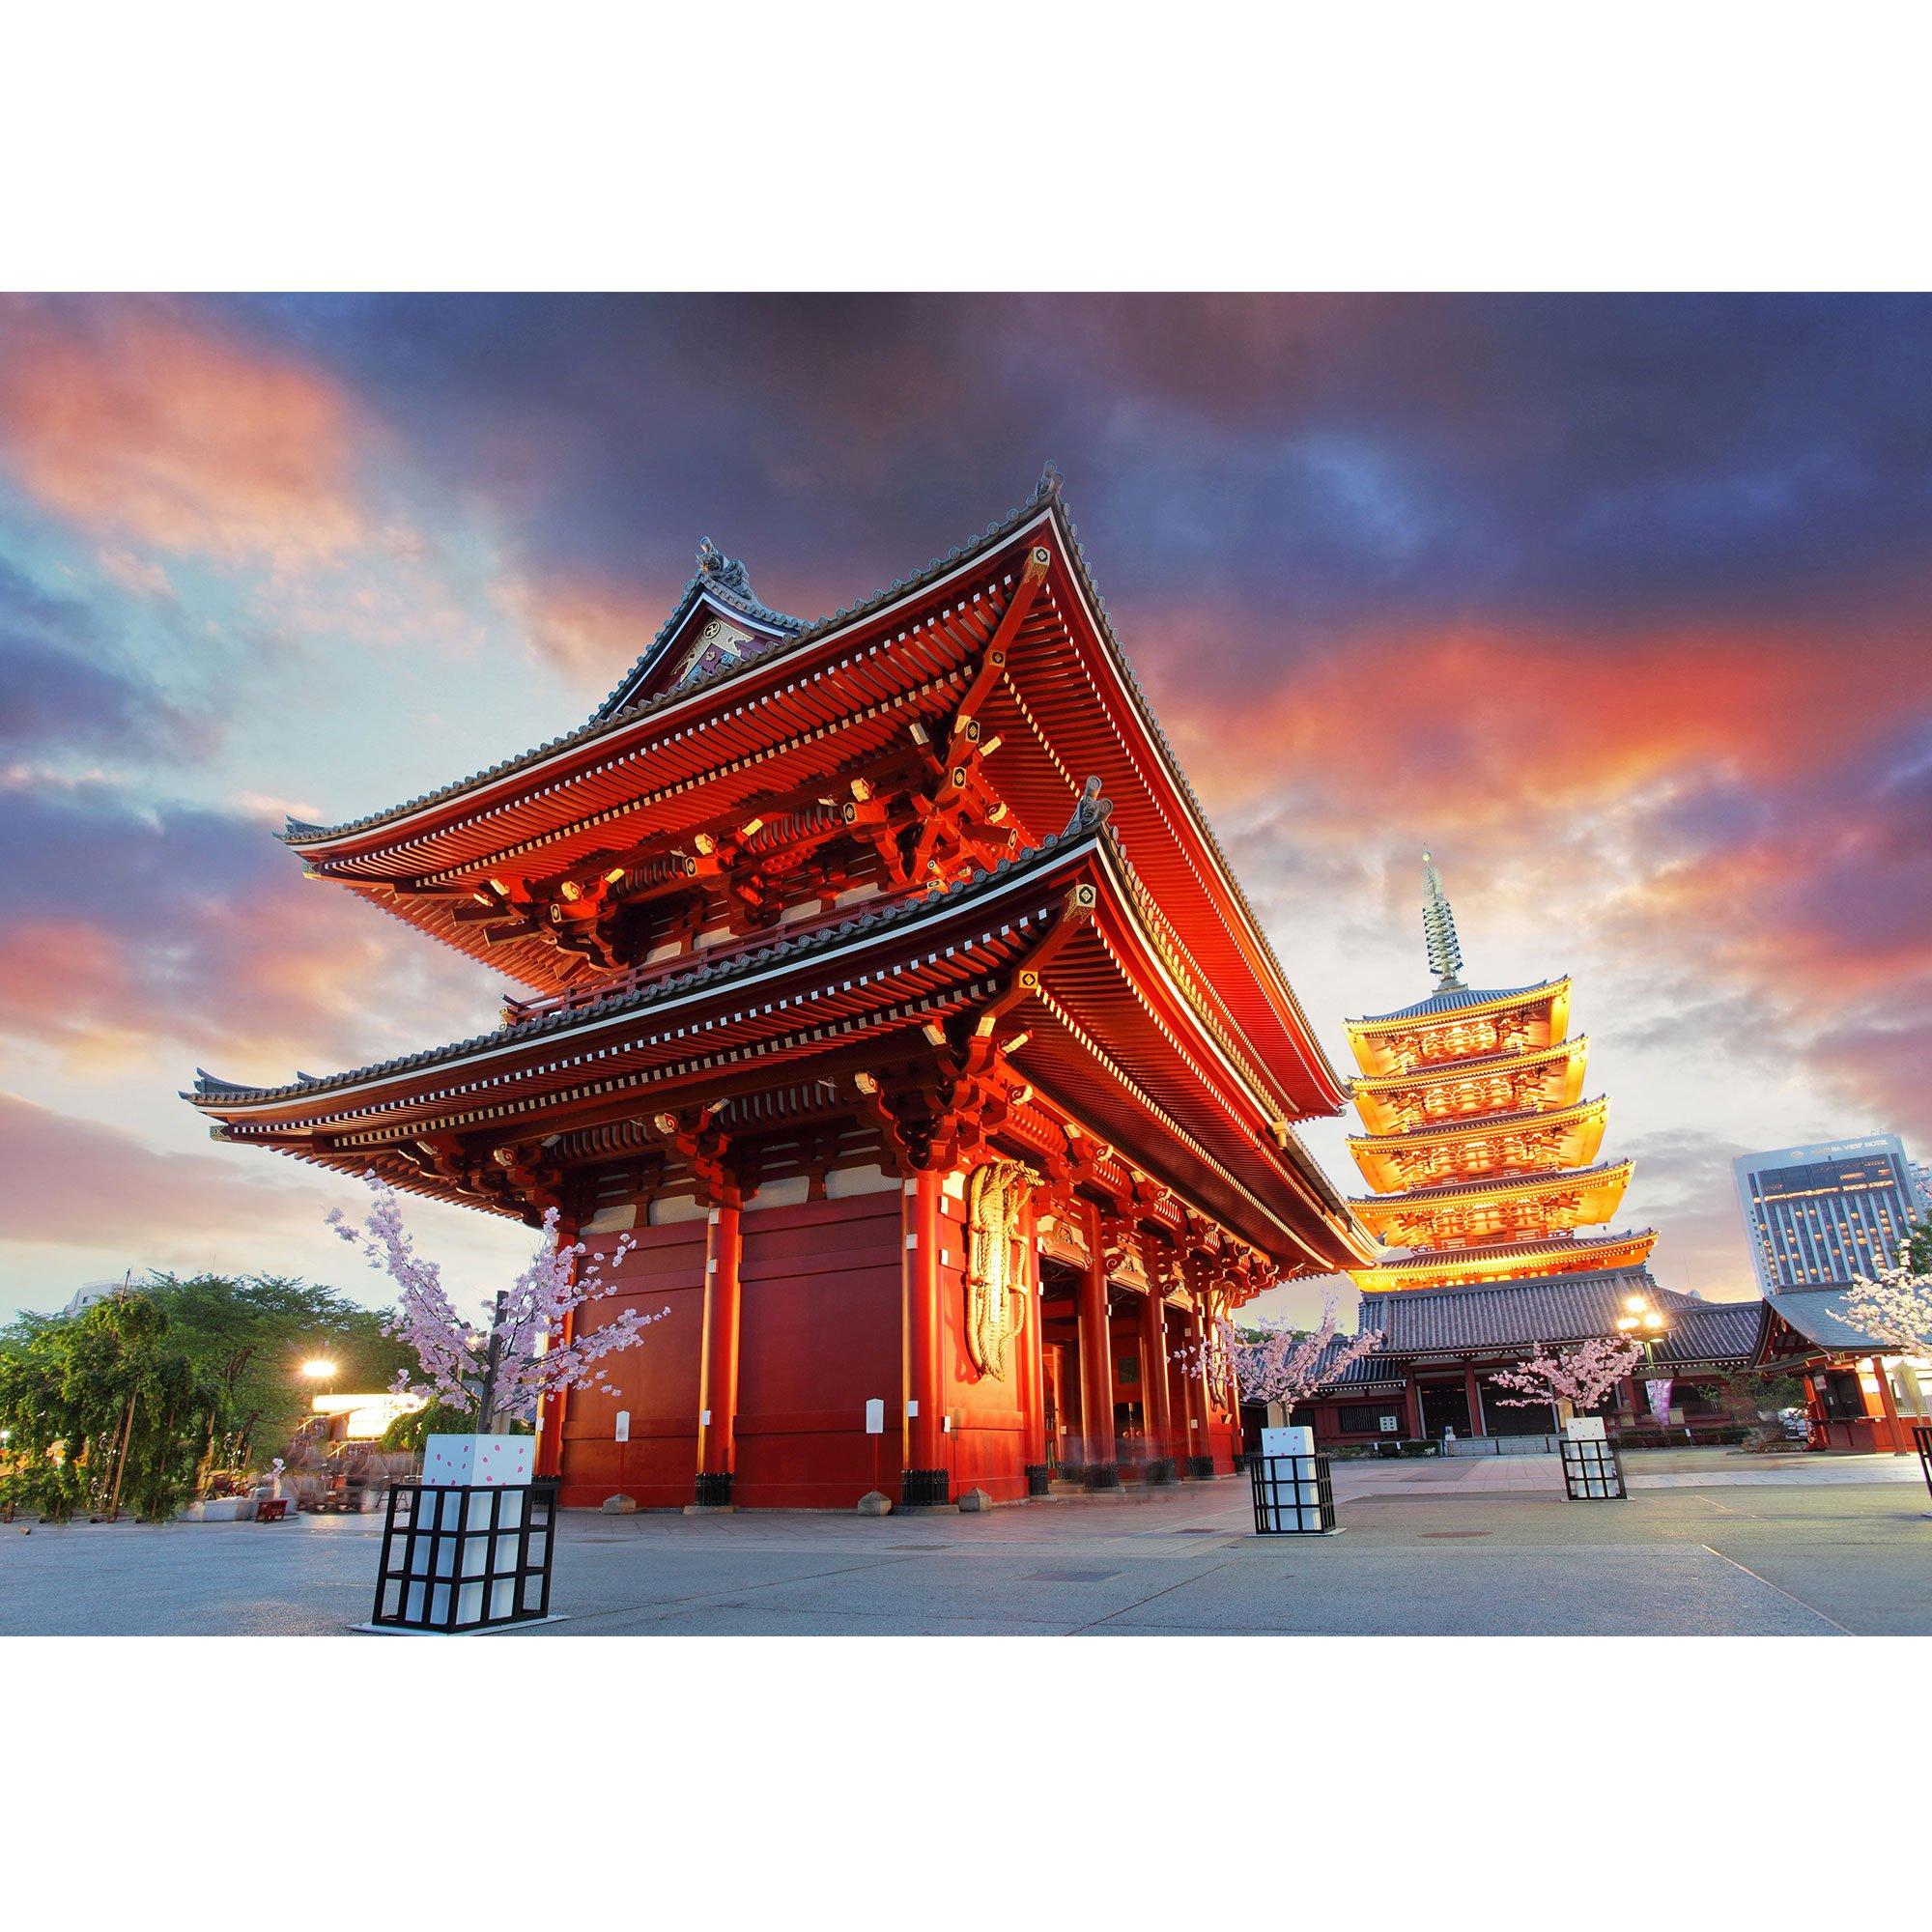 wall26 - Tokyo - Sensoji-Ji, Temple in Asakusa, Japan - Removable Wall Mural | Self-Adhesive Large Wallpaper - 100x144 inches by wall26 (Image #2)